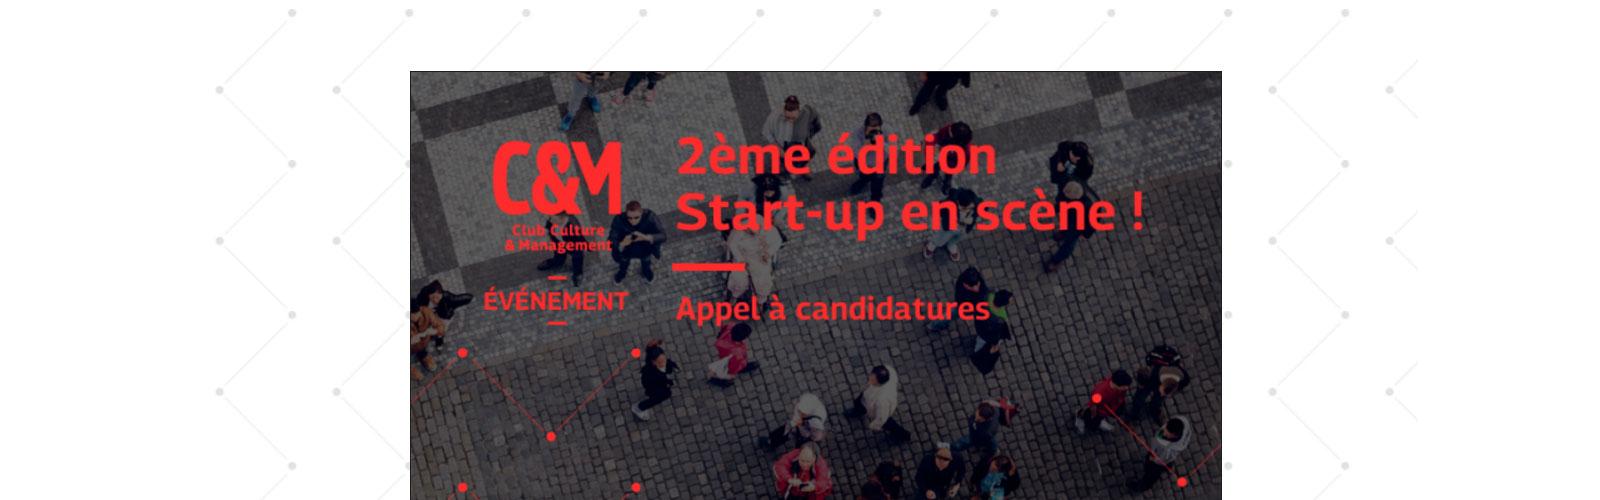 startup-en-scene